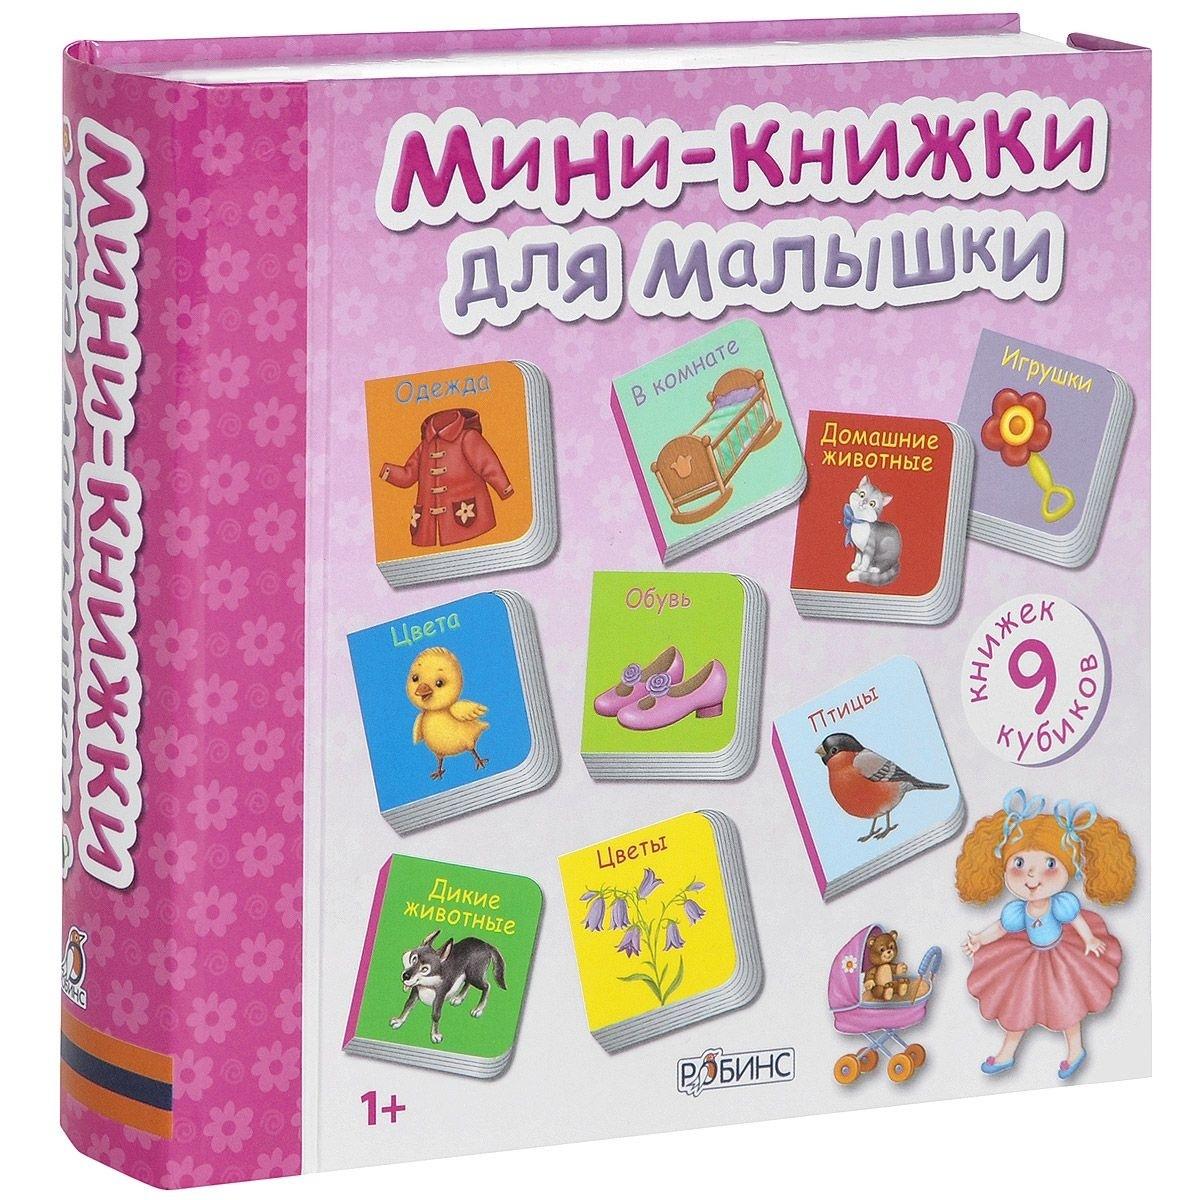 Мини-книжки для малышкиМини-книжки для малышки - книжки-кубики для маленьких девочек, которые только учатся говорить. Девять кубиков, веселые картинки, плотный картон, 9 увлекательных тем, сортер и пазл в одной коробке!Мини-книжки для малышки- это не просто книги, а обучающие книжки-игрушки, сделанные в виде набора кубиков. Книжки-кубики предназначены для детей, которые ещё не умеют говорить или только начинают произносить первые слова. Набор можно использовать также как сортер: просто попросите ребенка сложить кубики в коробку. С обратной стороны книжек размещен простой веселый пазл, который ребенок может собрать. Набор Мини-книжки для малышки создан специально для девочек, подборка тематики книжек и цветовой гаммы обязательно понравятся юным принцессам.В чем особенность книжек: Каждая книжка-погремушка сделана из очень плотного материала, поэтому малышу будет непросто порвать или испортить их.Книжками-погремушками можно греметь и трещать (сложив первую и последнюю страницу вместе), как музыкальными инструментами.Стильные и яркие картинки развивают вкус и эстетическое восприятие.Книжки способствуют развитию внимания, речи, памяти, воображения и мелкой моторики.На каждой странице книжек яркие картинки!Благодаря этим книжкам ребята будут учиться говорить в увлекательной форме, что станет отличным стимулом к получению знаний в дальнейшем.Что найдём внутри: 9 маленьких книжек на разные темы:Дикие животные.Одежда.Цвета.Игрушки.Обувь.Домашние животные.Цветы.В комнате.Птицы.<br>